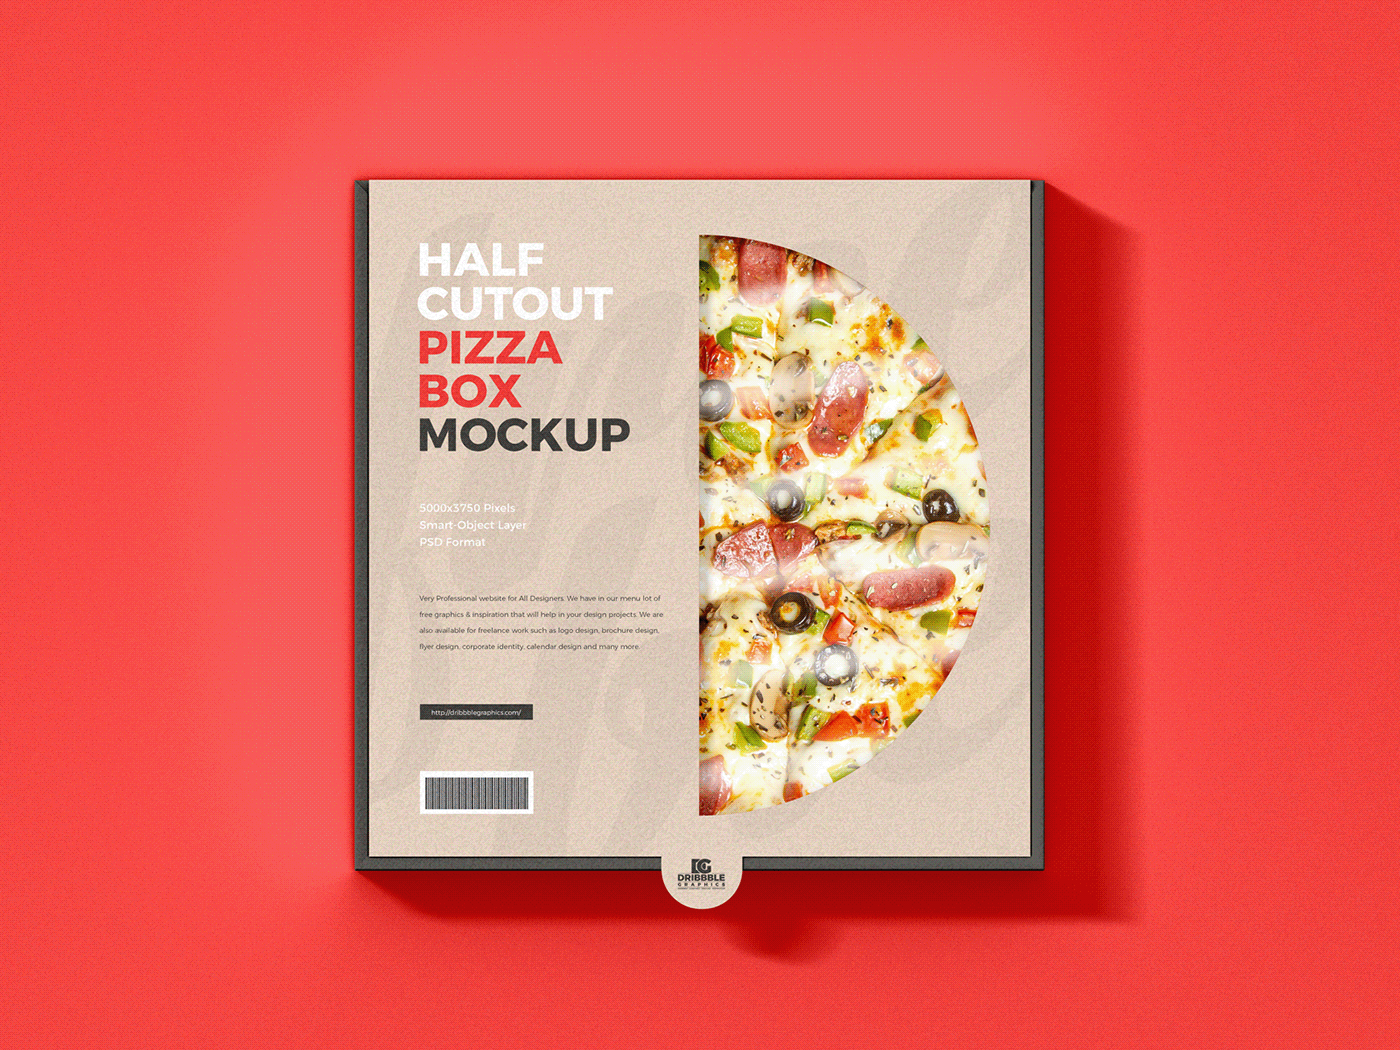 free mockup  freebies Mockup mockup free mockup psd mockups packaging mockup Pizza pizza box mockup pizza packaging